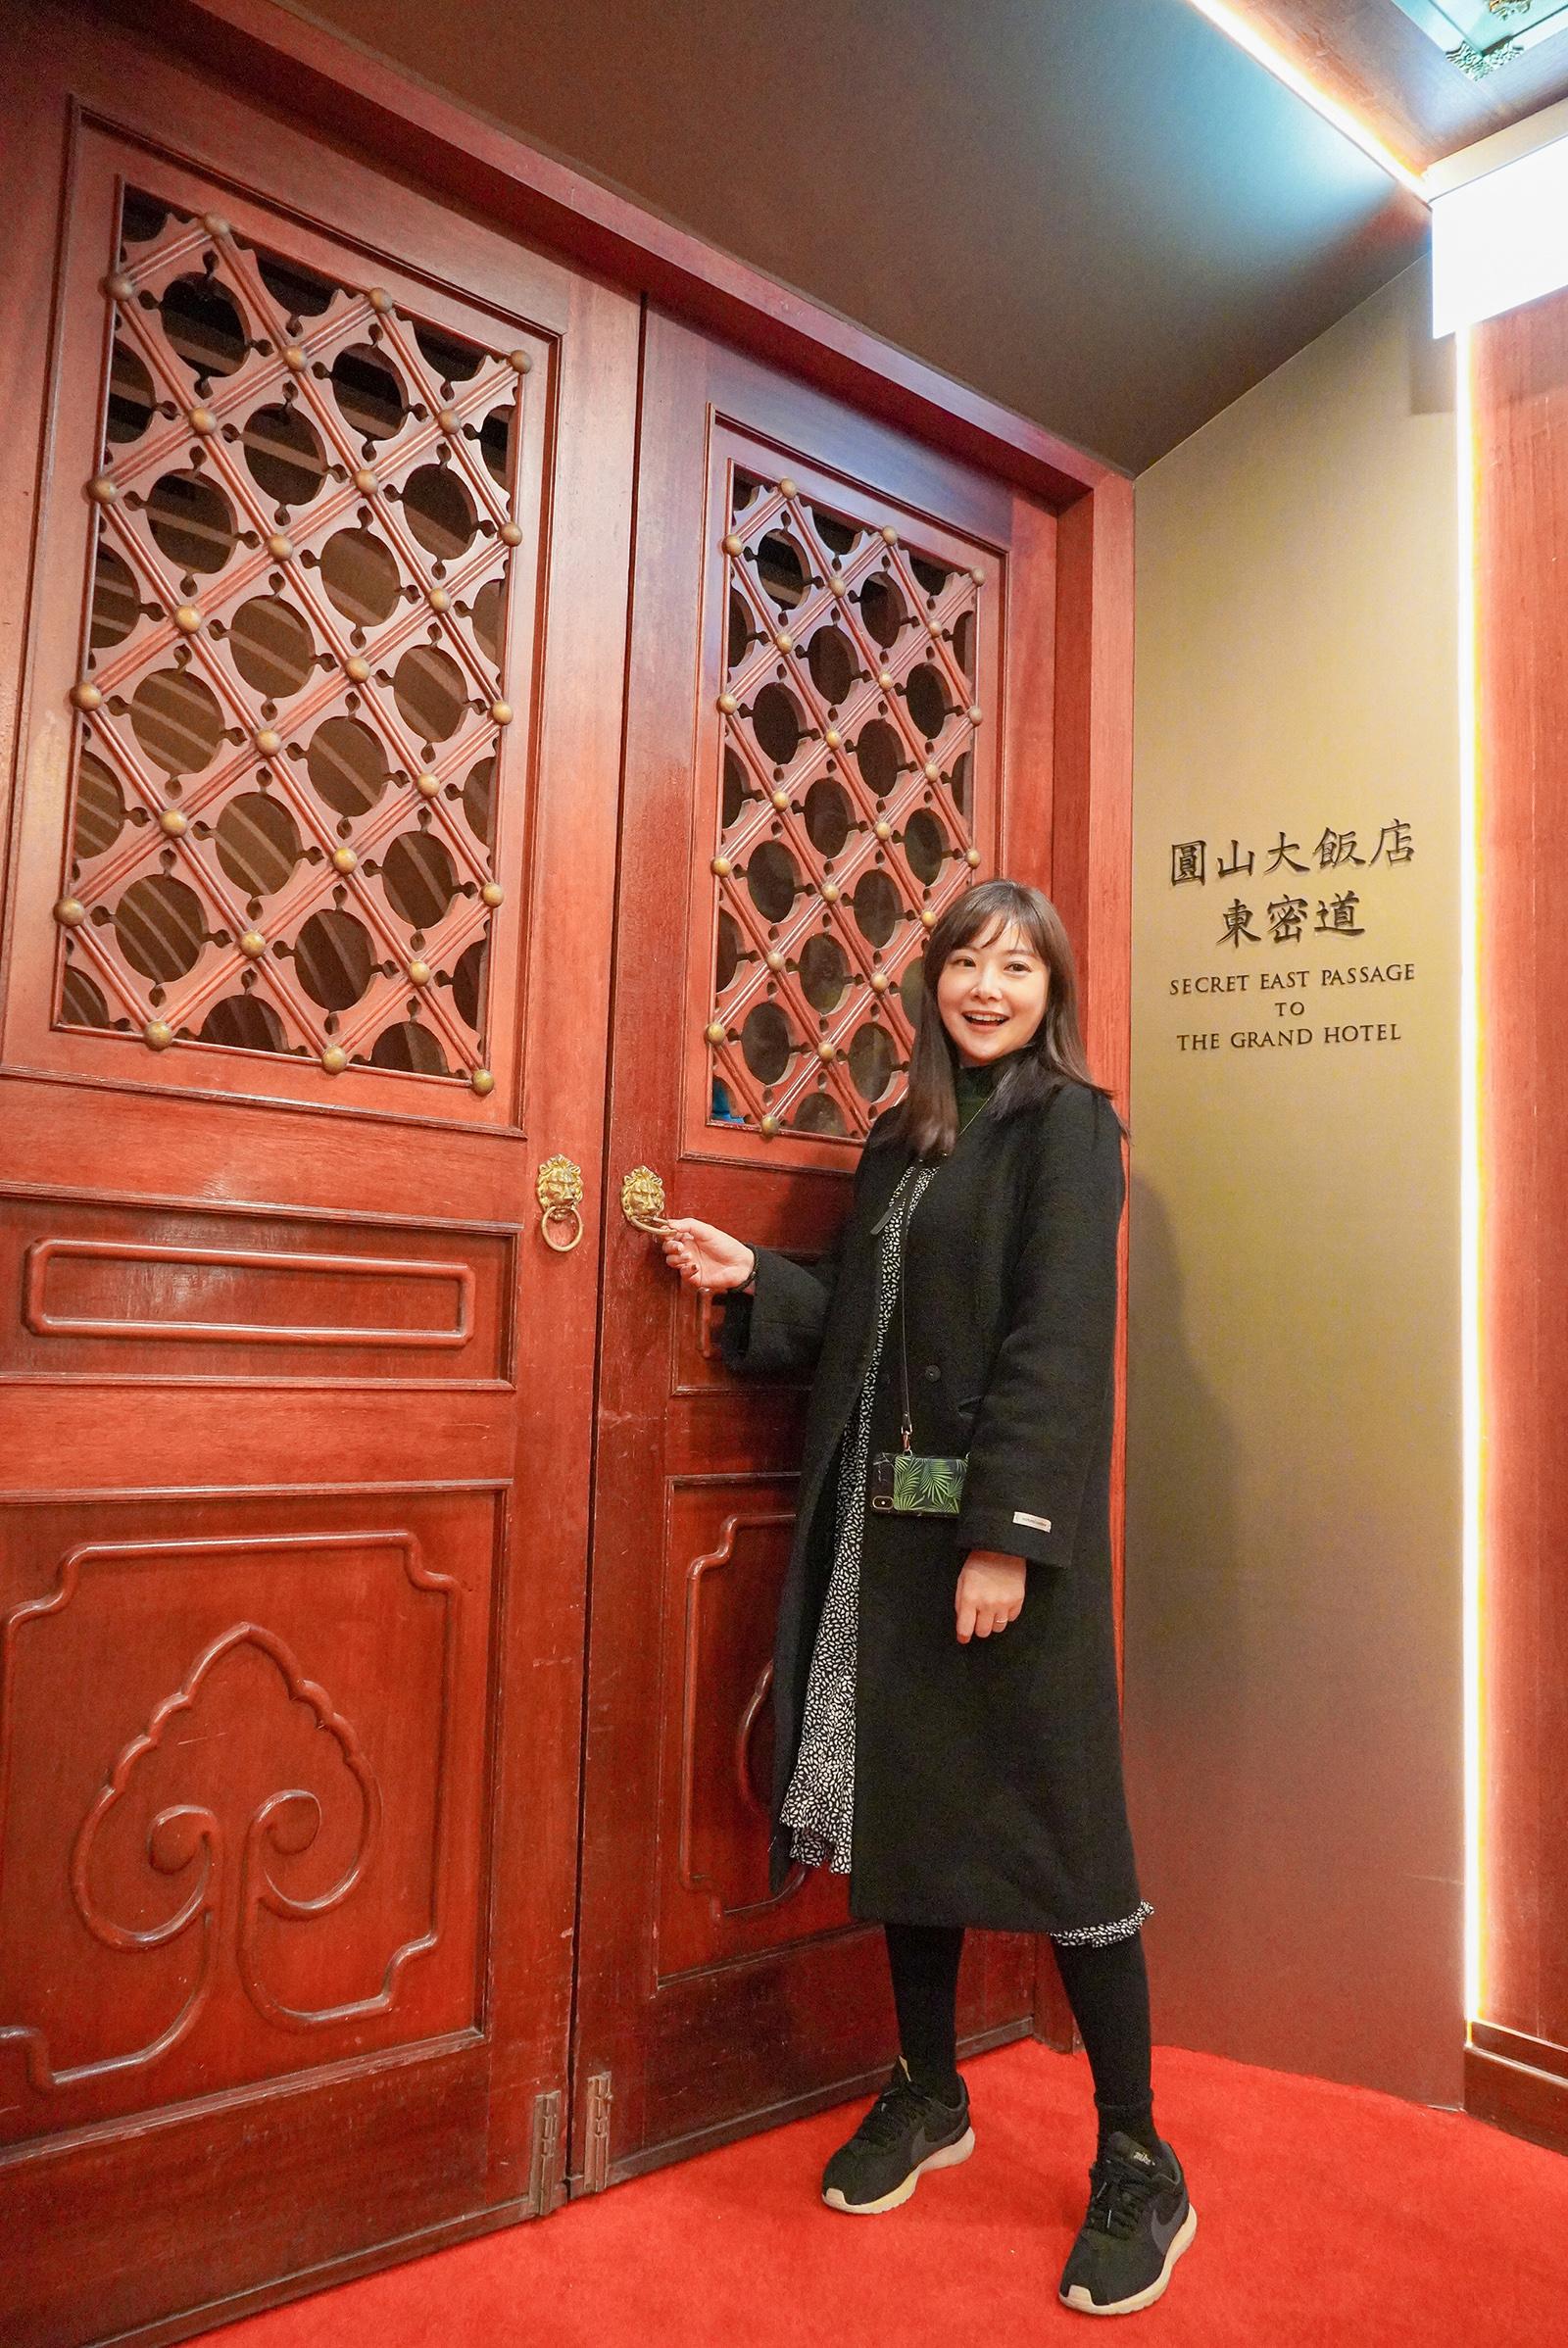 ☆【台北|圓山】五十年未公開最新秘道、總統國宴級大餐。圓山大飯店新玩法大解密